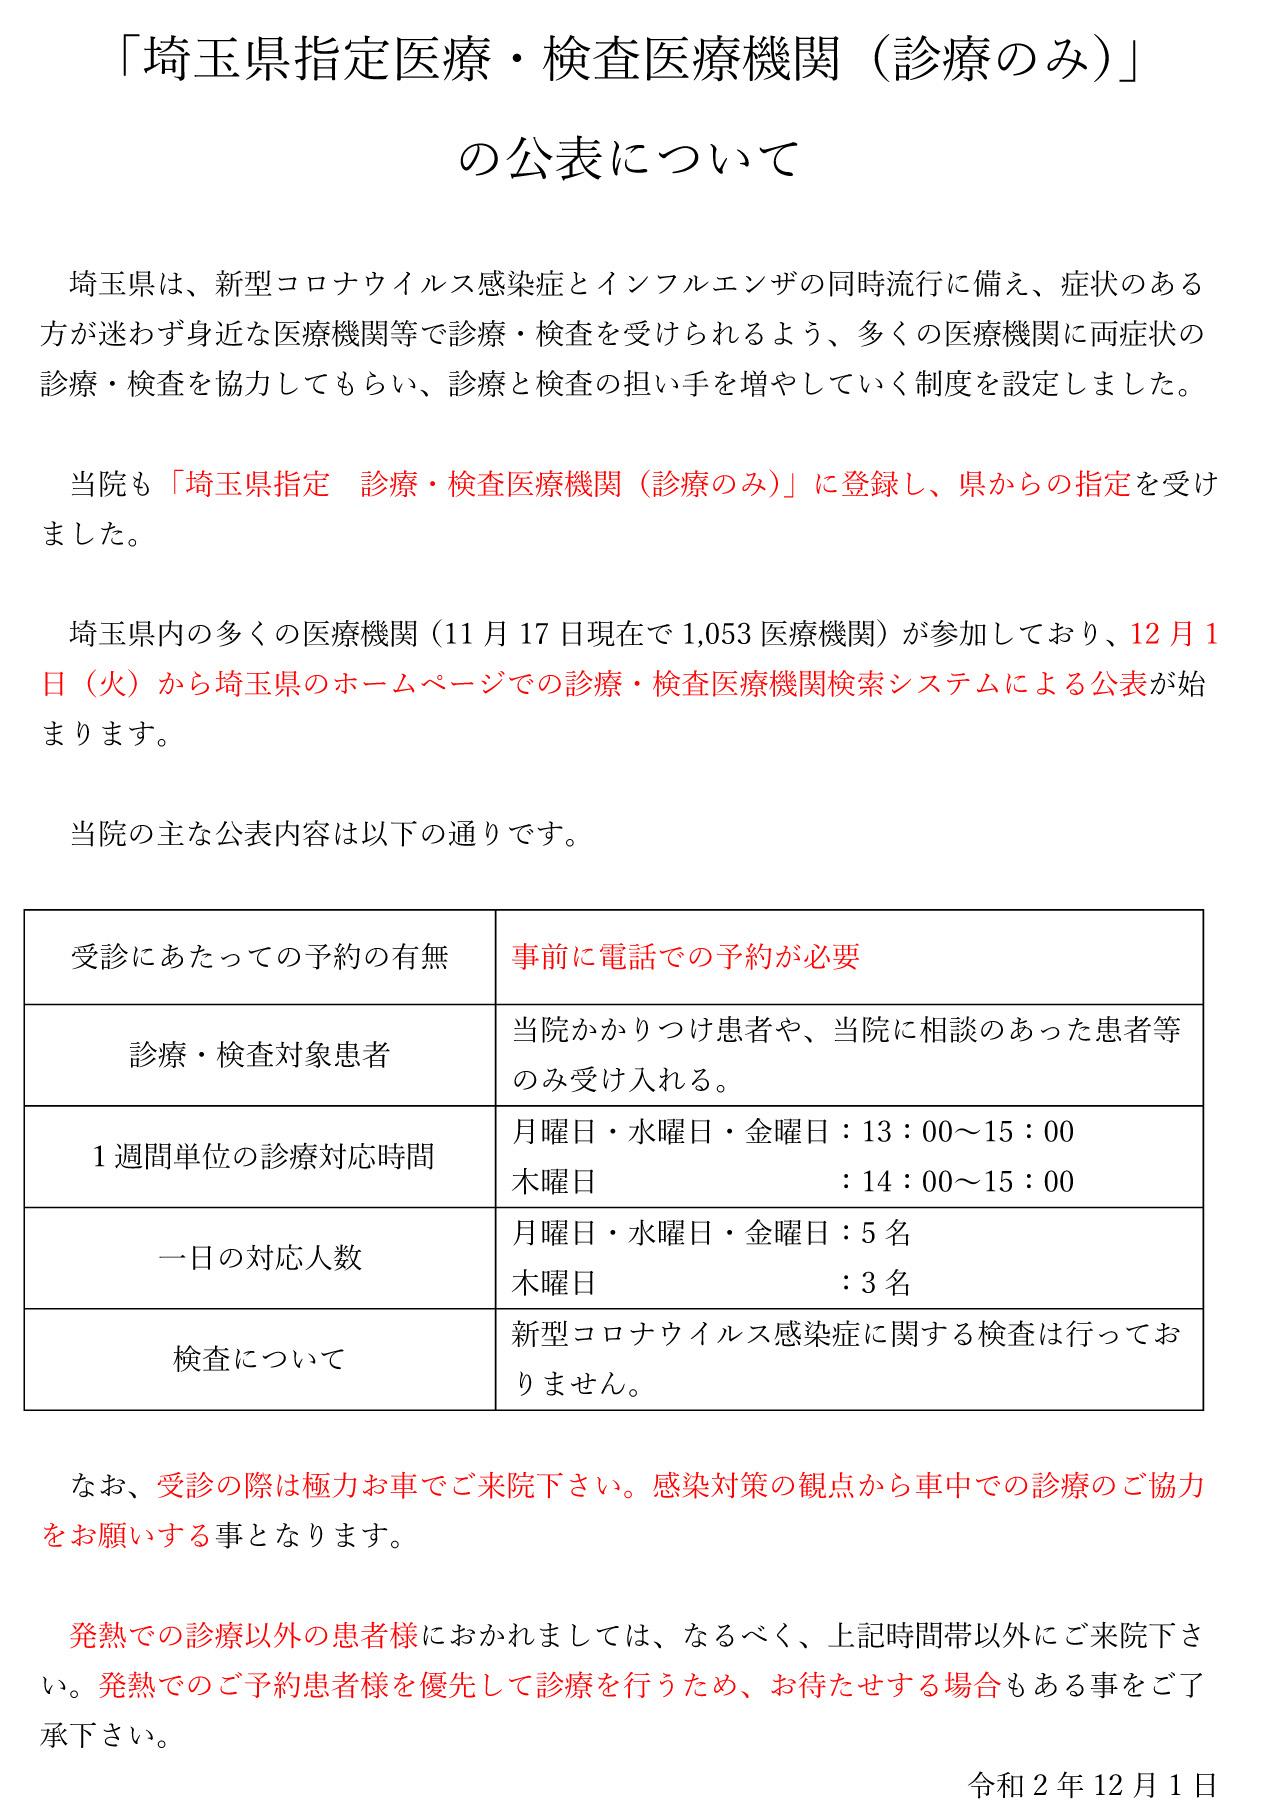 コロナ 病院 指定 県 埼玉